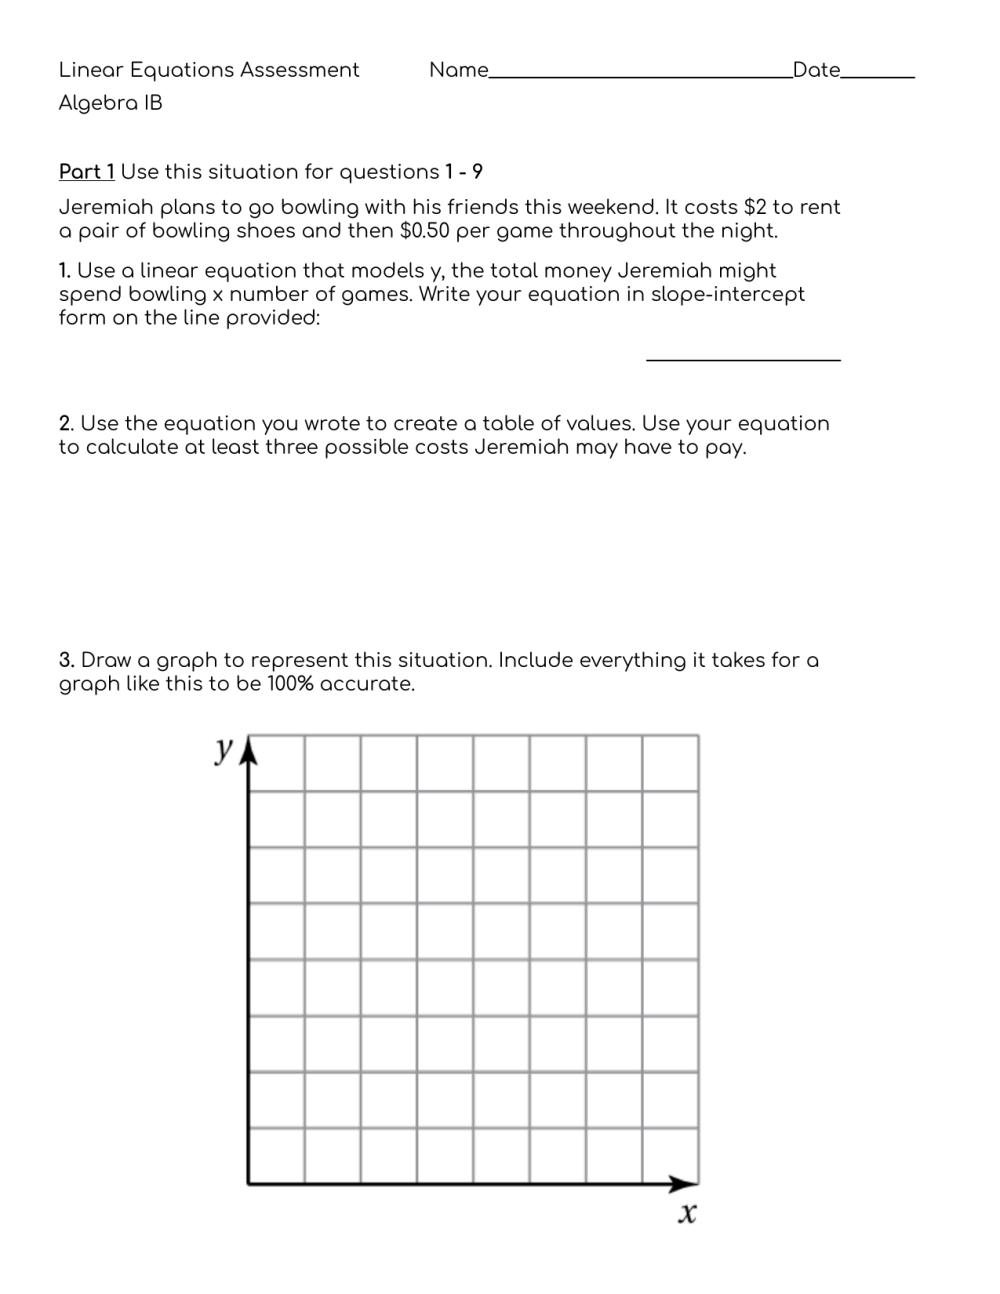 medium resolution of Linear Equations Assessment 9th grade algebra IB